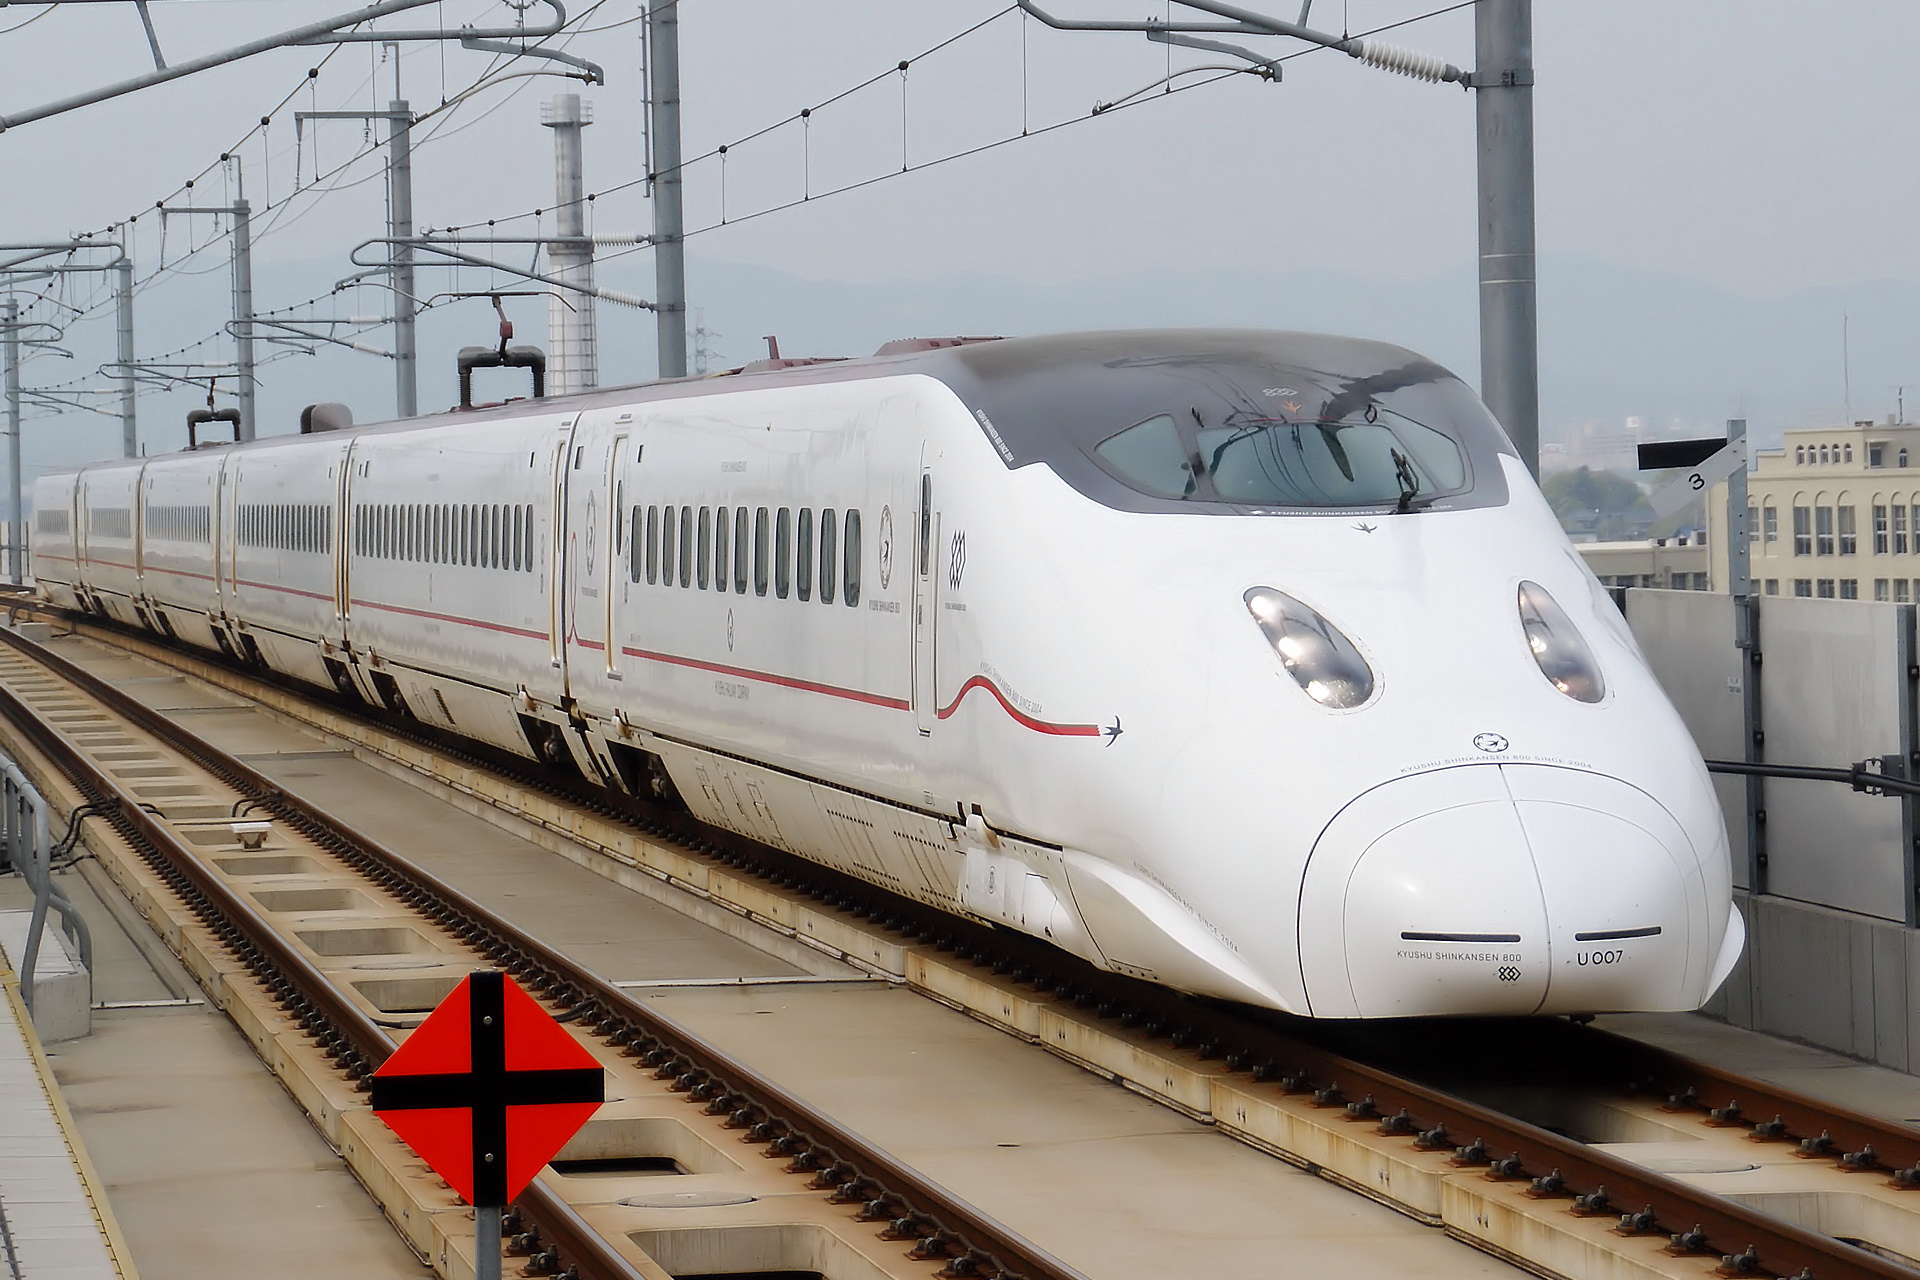 【九州新幹線・特急も乗り放題】「みんなの九州きっぷ」発売 JR九州全線2日間乗り放題6回まで普通車指定席を予約可能 2020年7月11日から利用可能